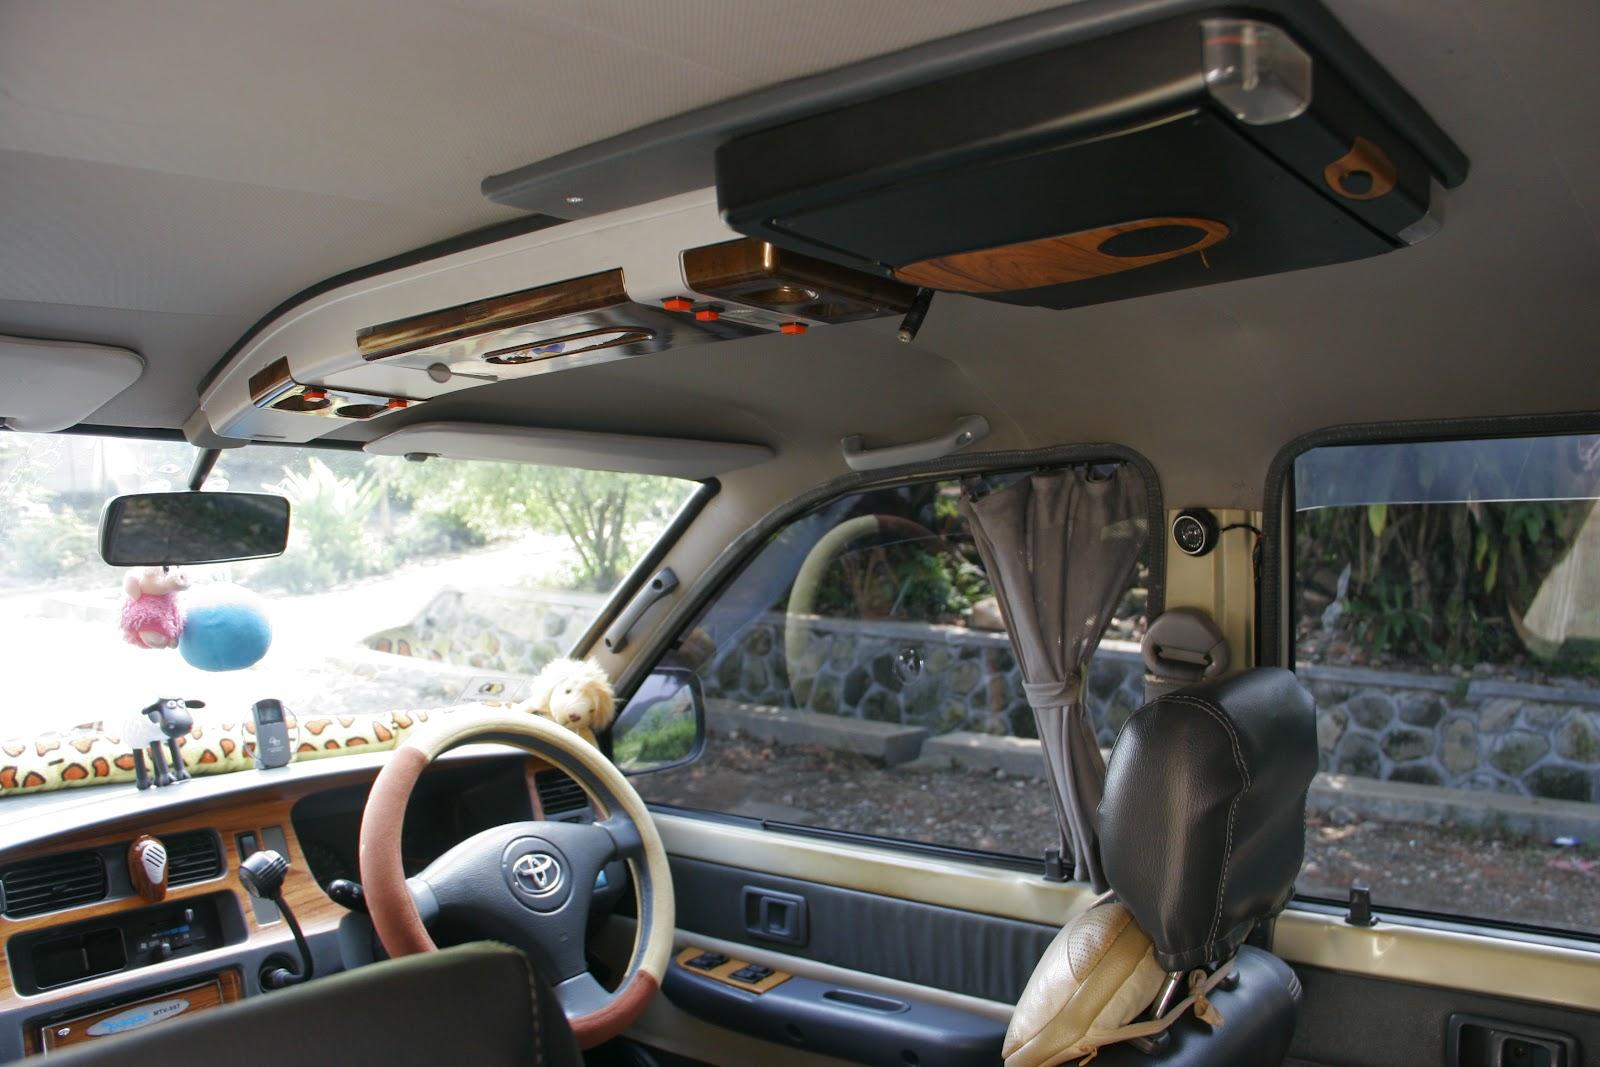 Harga Mobil Toyota Kijang Kapsul Bekas Terbaru